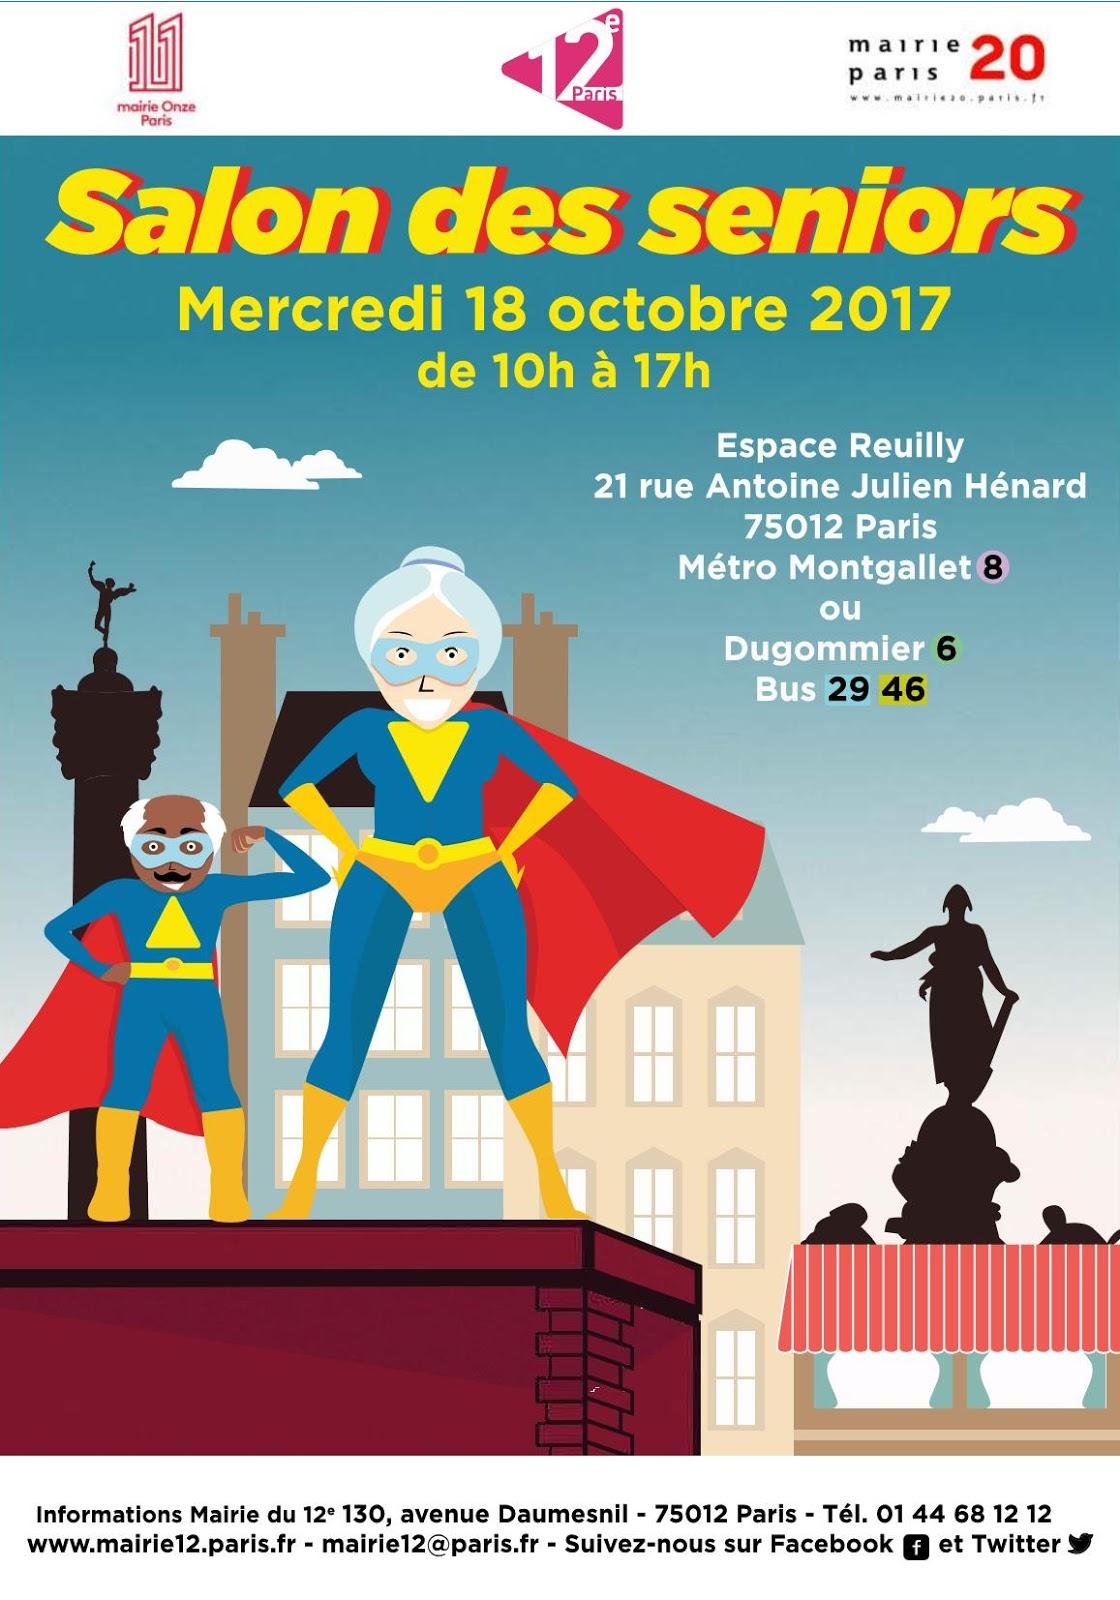 Cfdt retrait s paris 11e 12e septembre 2017 - Salon paris septembre 2017 ...